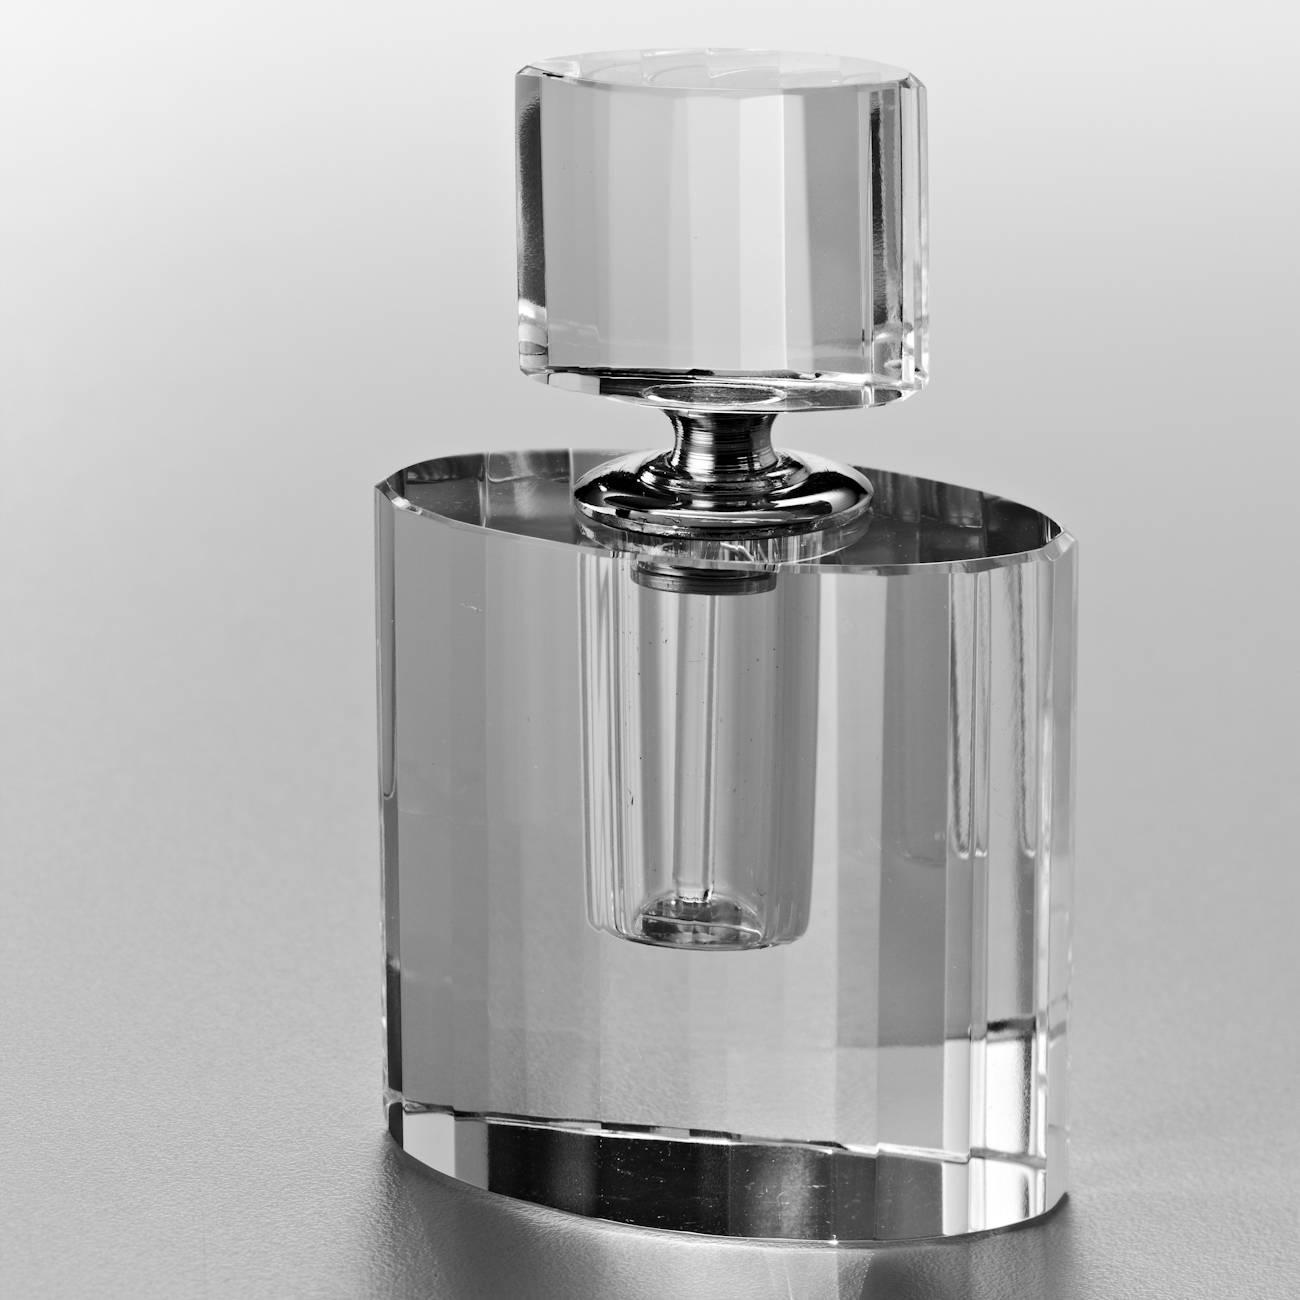 Perfumeiro Mini Lou Transparente em Vidro Óptico - Prestige - 10x6 cm